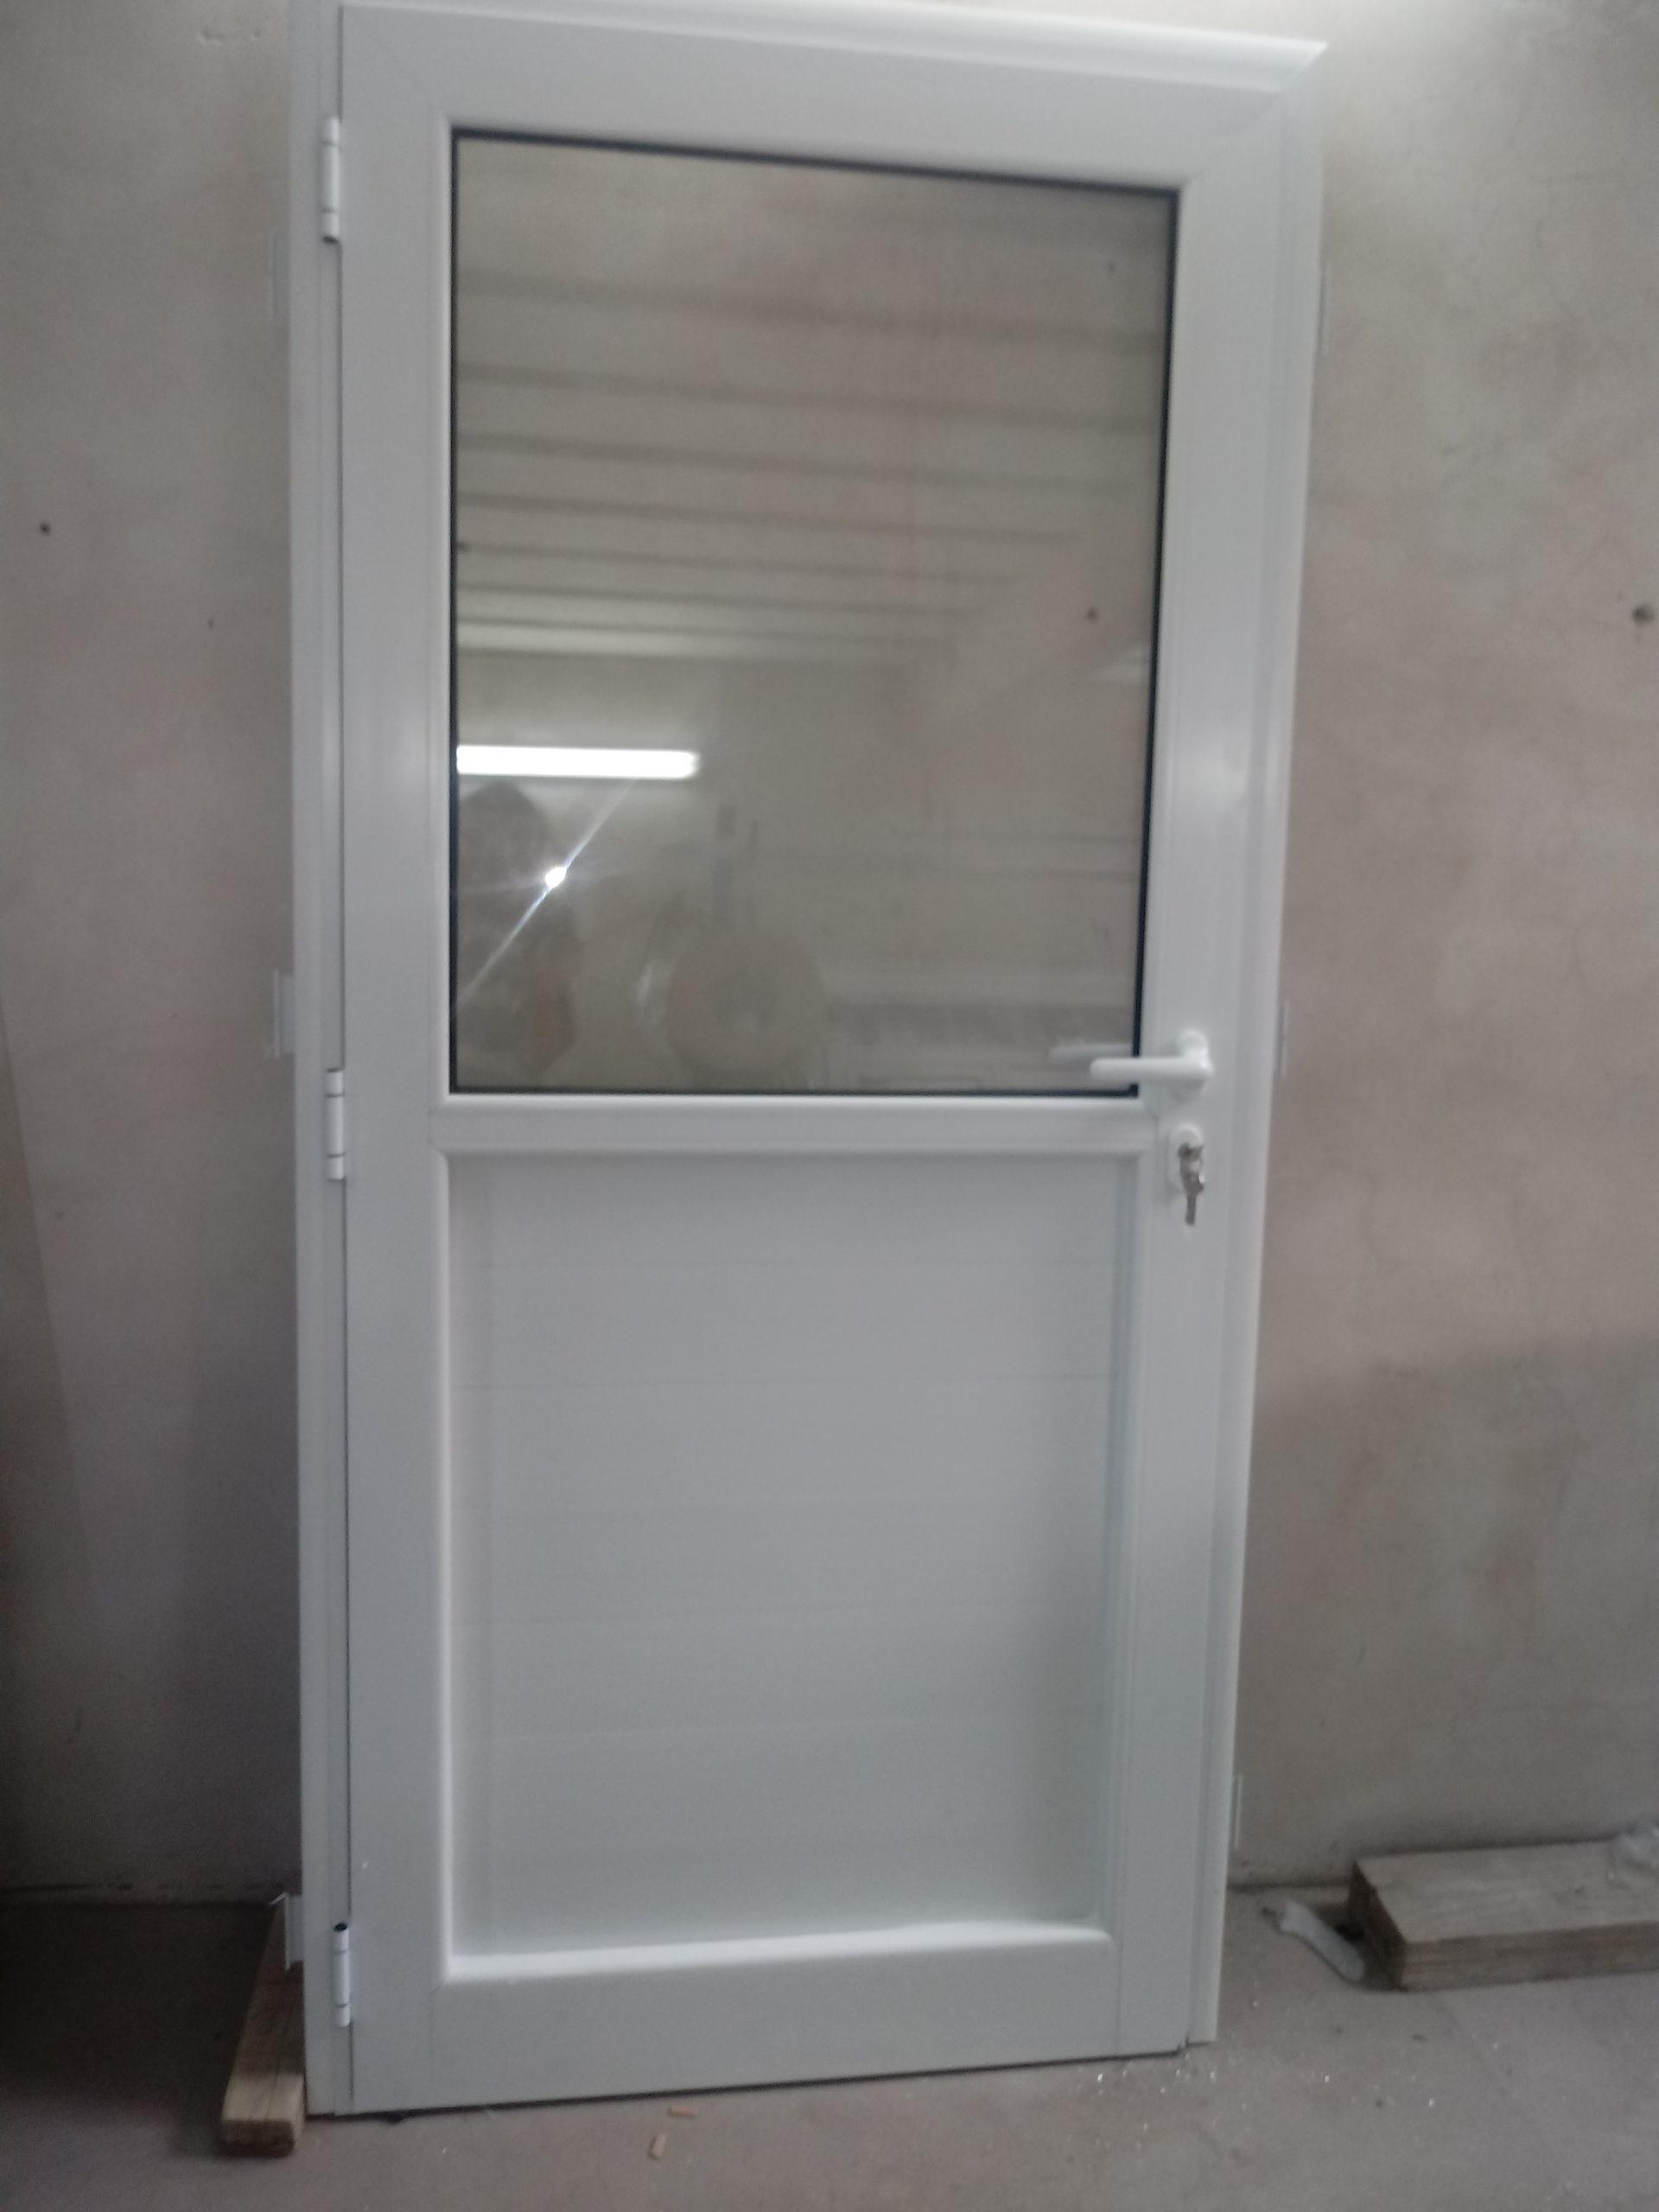 Media puerta de aluminio y vidrio